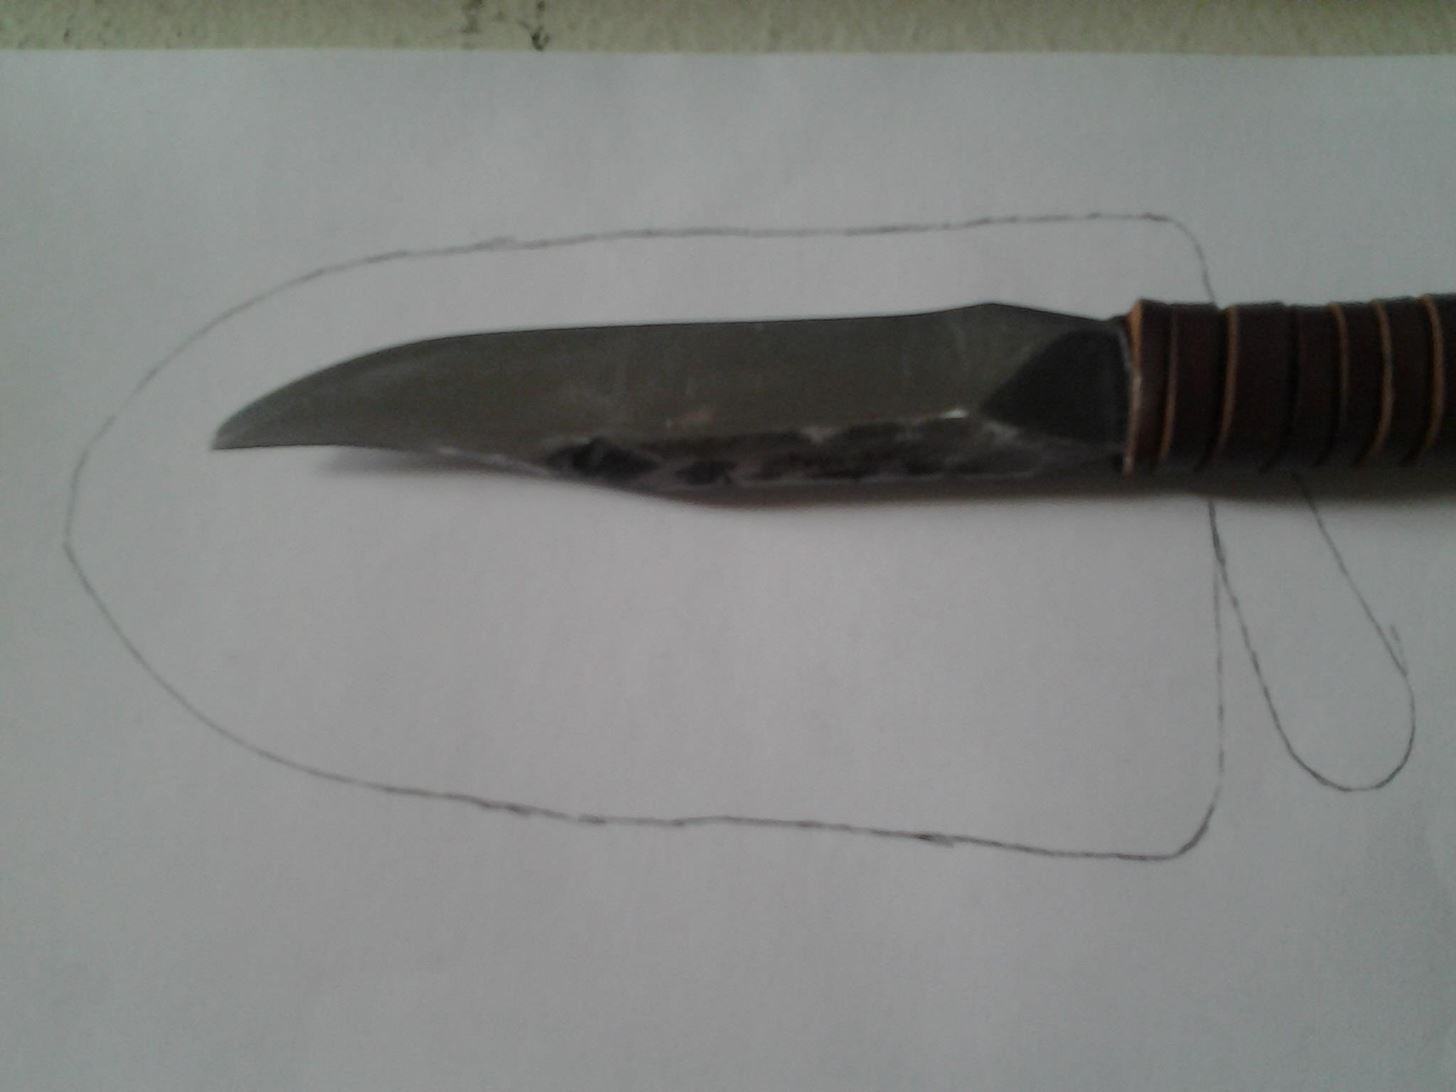 How to Make a Homemade Leather Knife Sheath